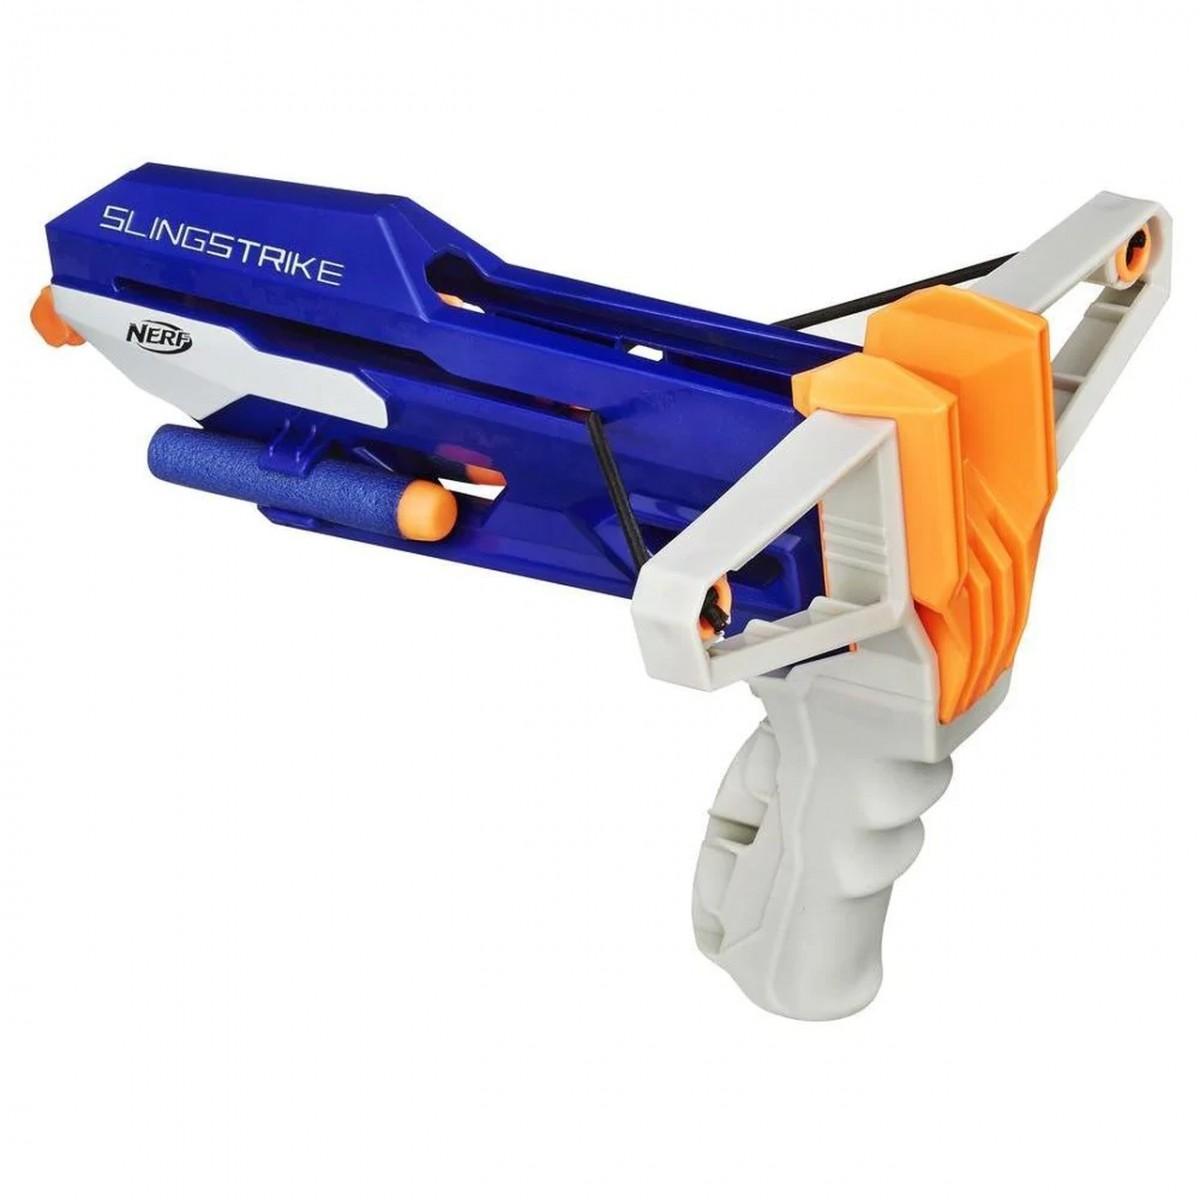 Nerf N-Strike Slingstrike (Lançador de Dardos)